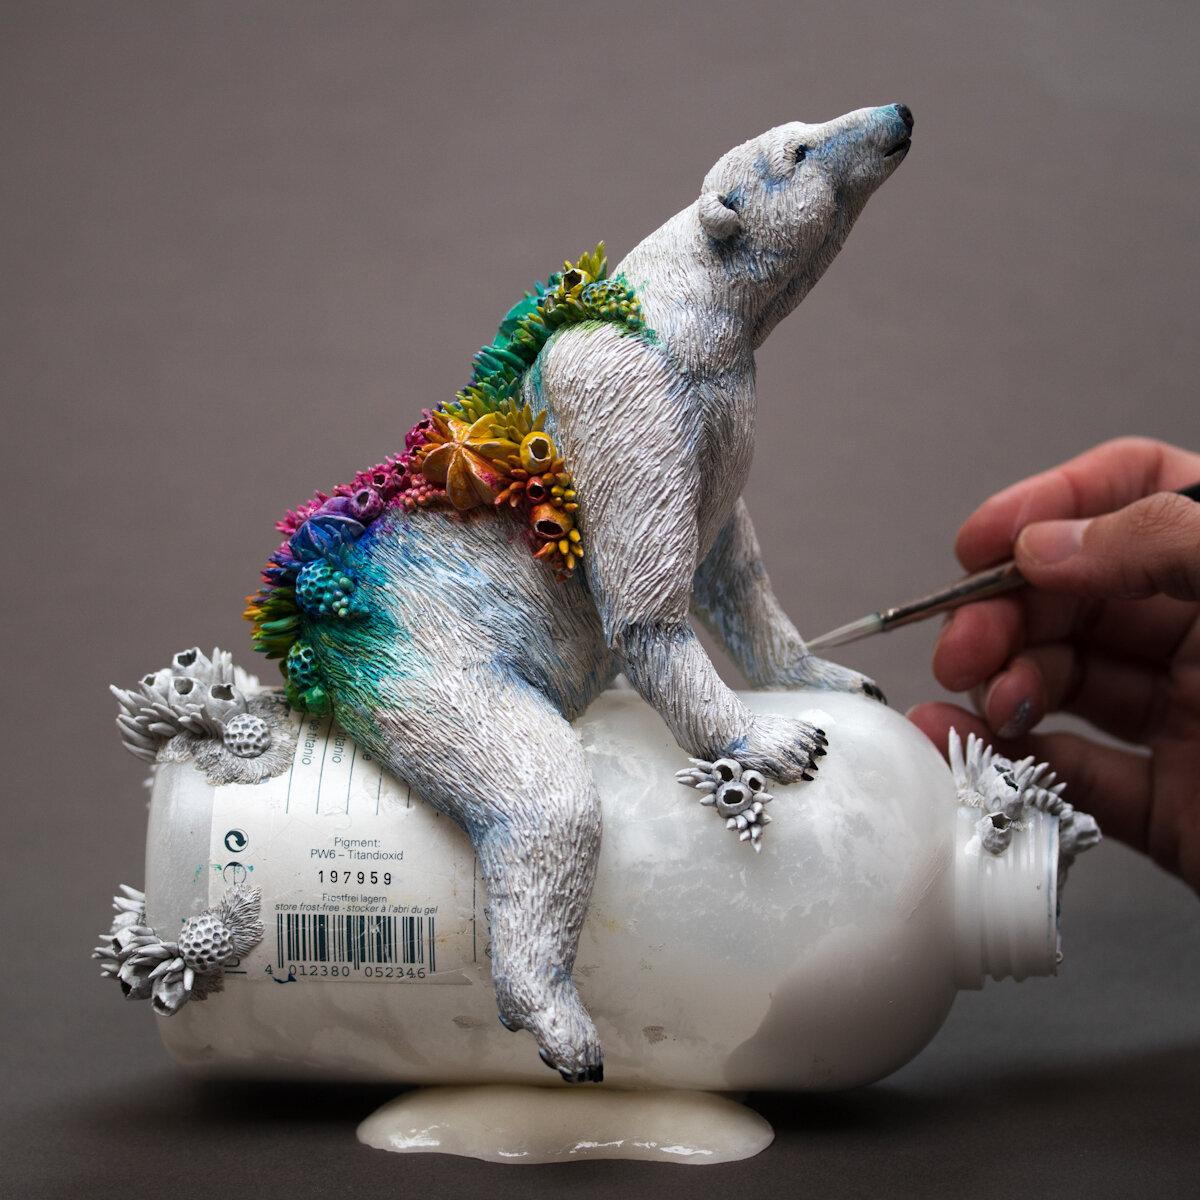 希望,北极熊雕塑,2018,混合媒体,斯蒂芬妮·基尔加斯特